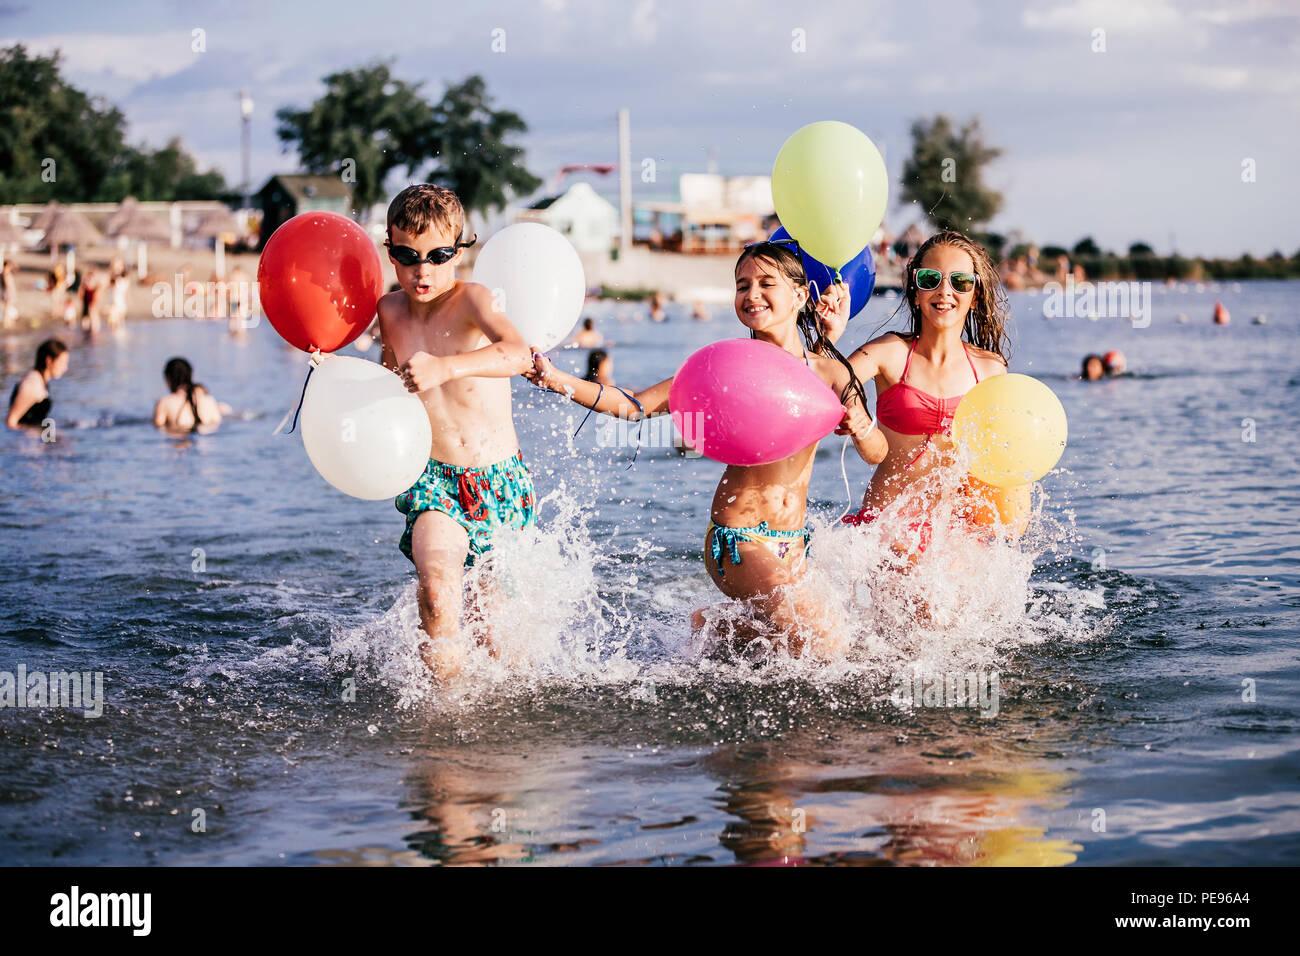 Heureux les enfants qui jouent avec des ballons dans la mer. Les enfants s'amuser en plein air. Vacances d'été et d'un style de vie sain concept Photo Stock